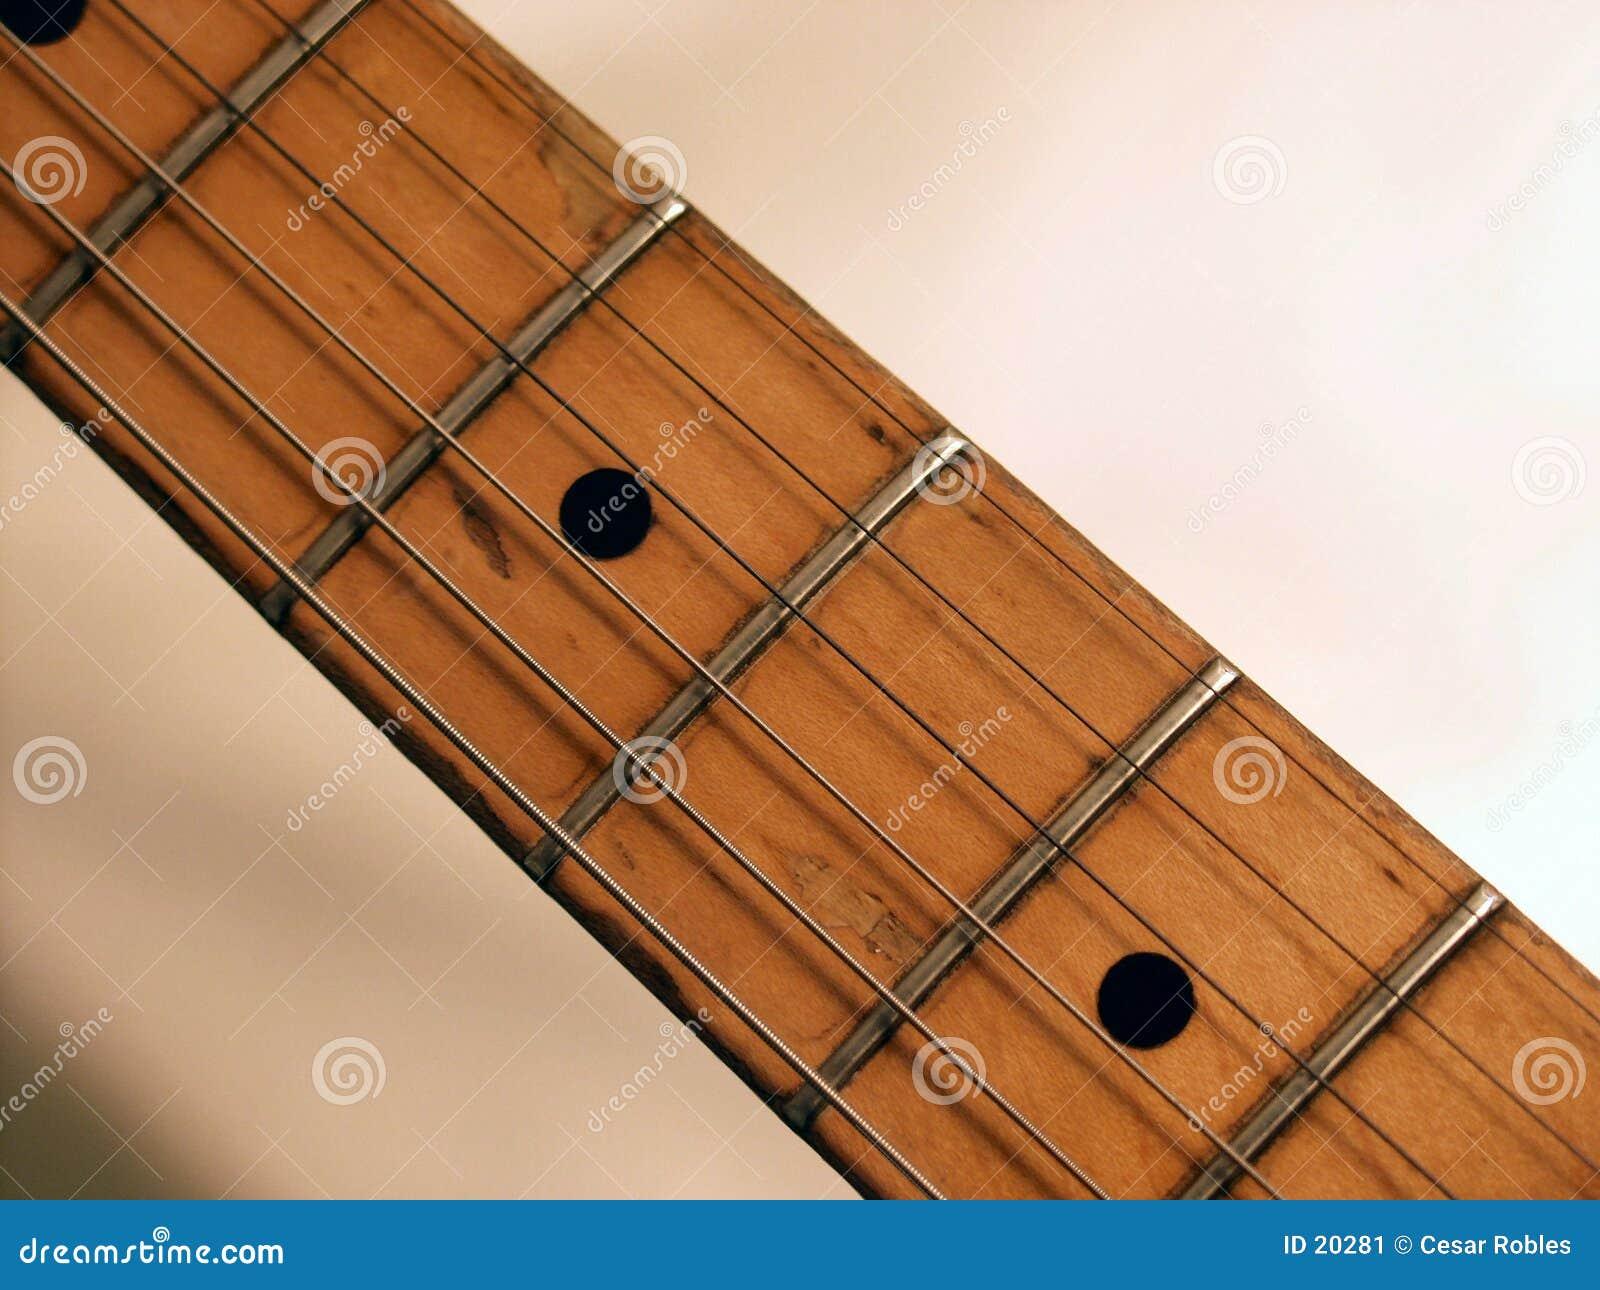 Gitarrenstutzen